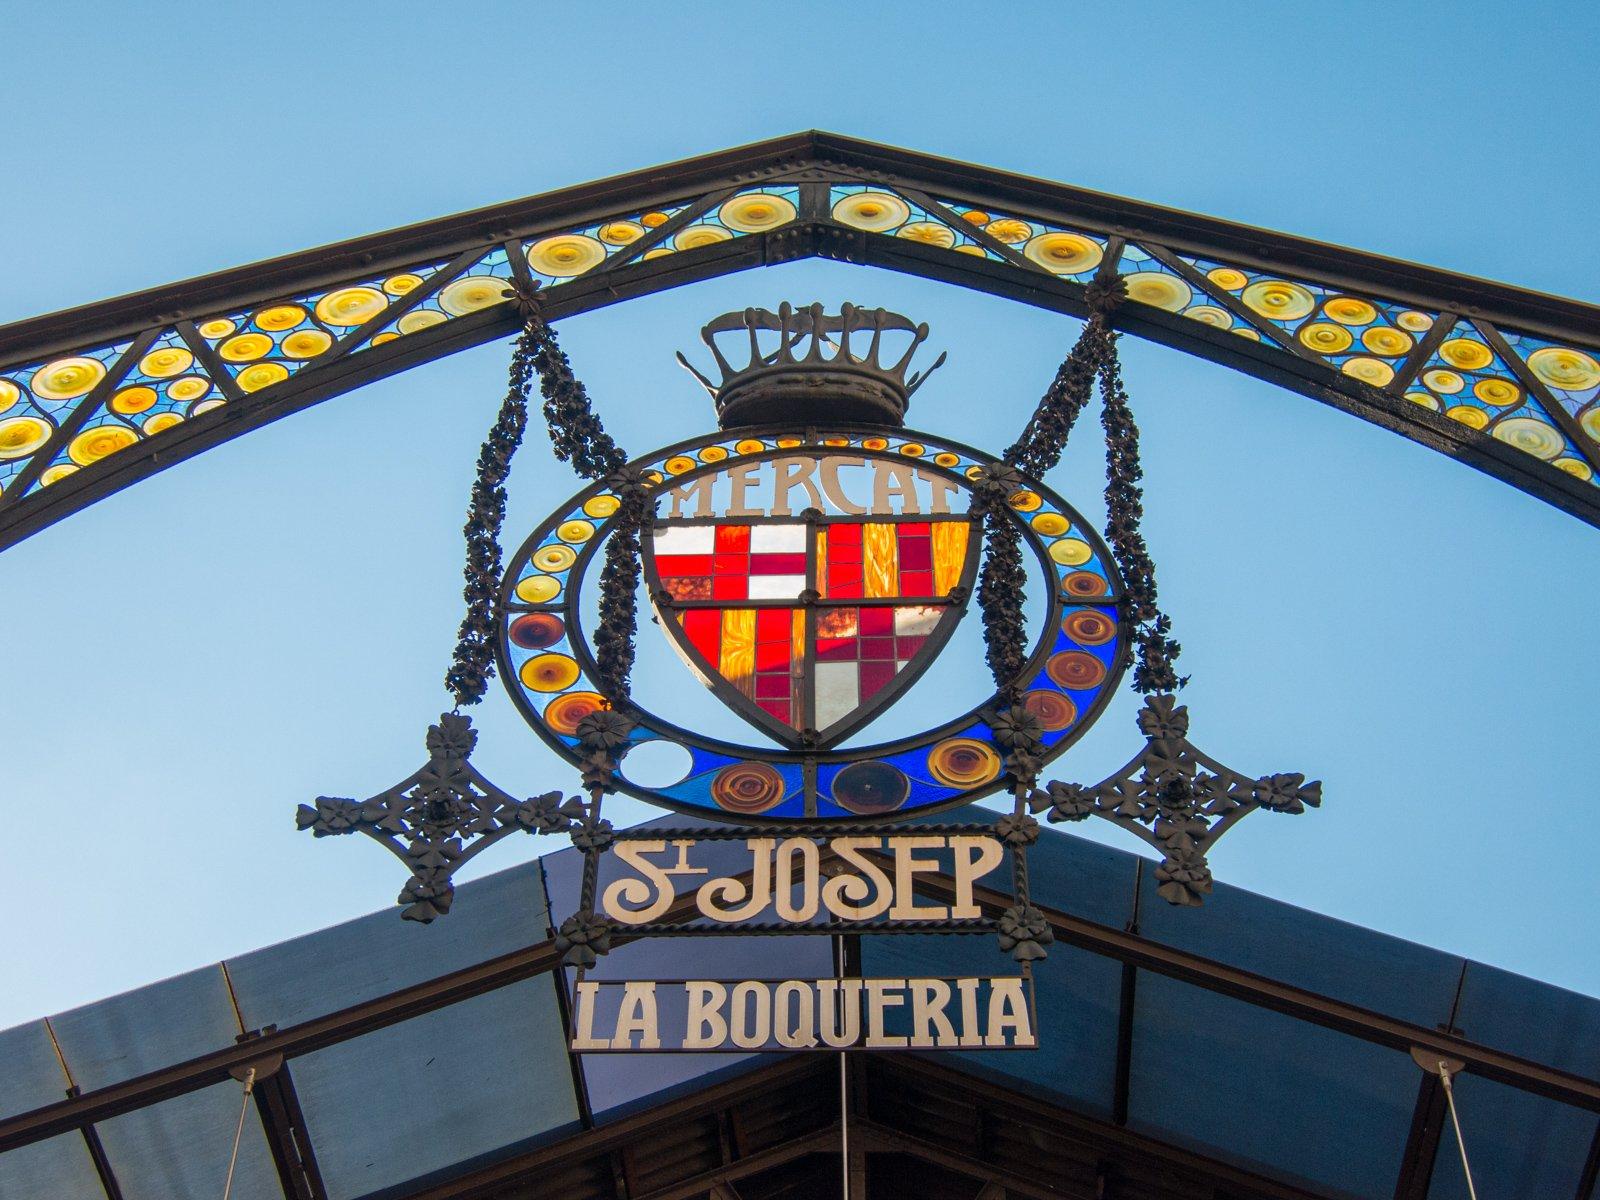 Sign outside La Boqueria